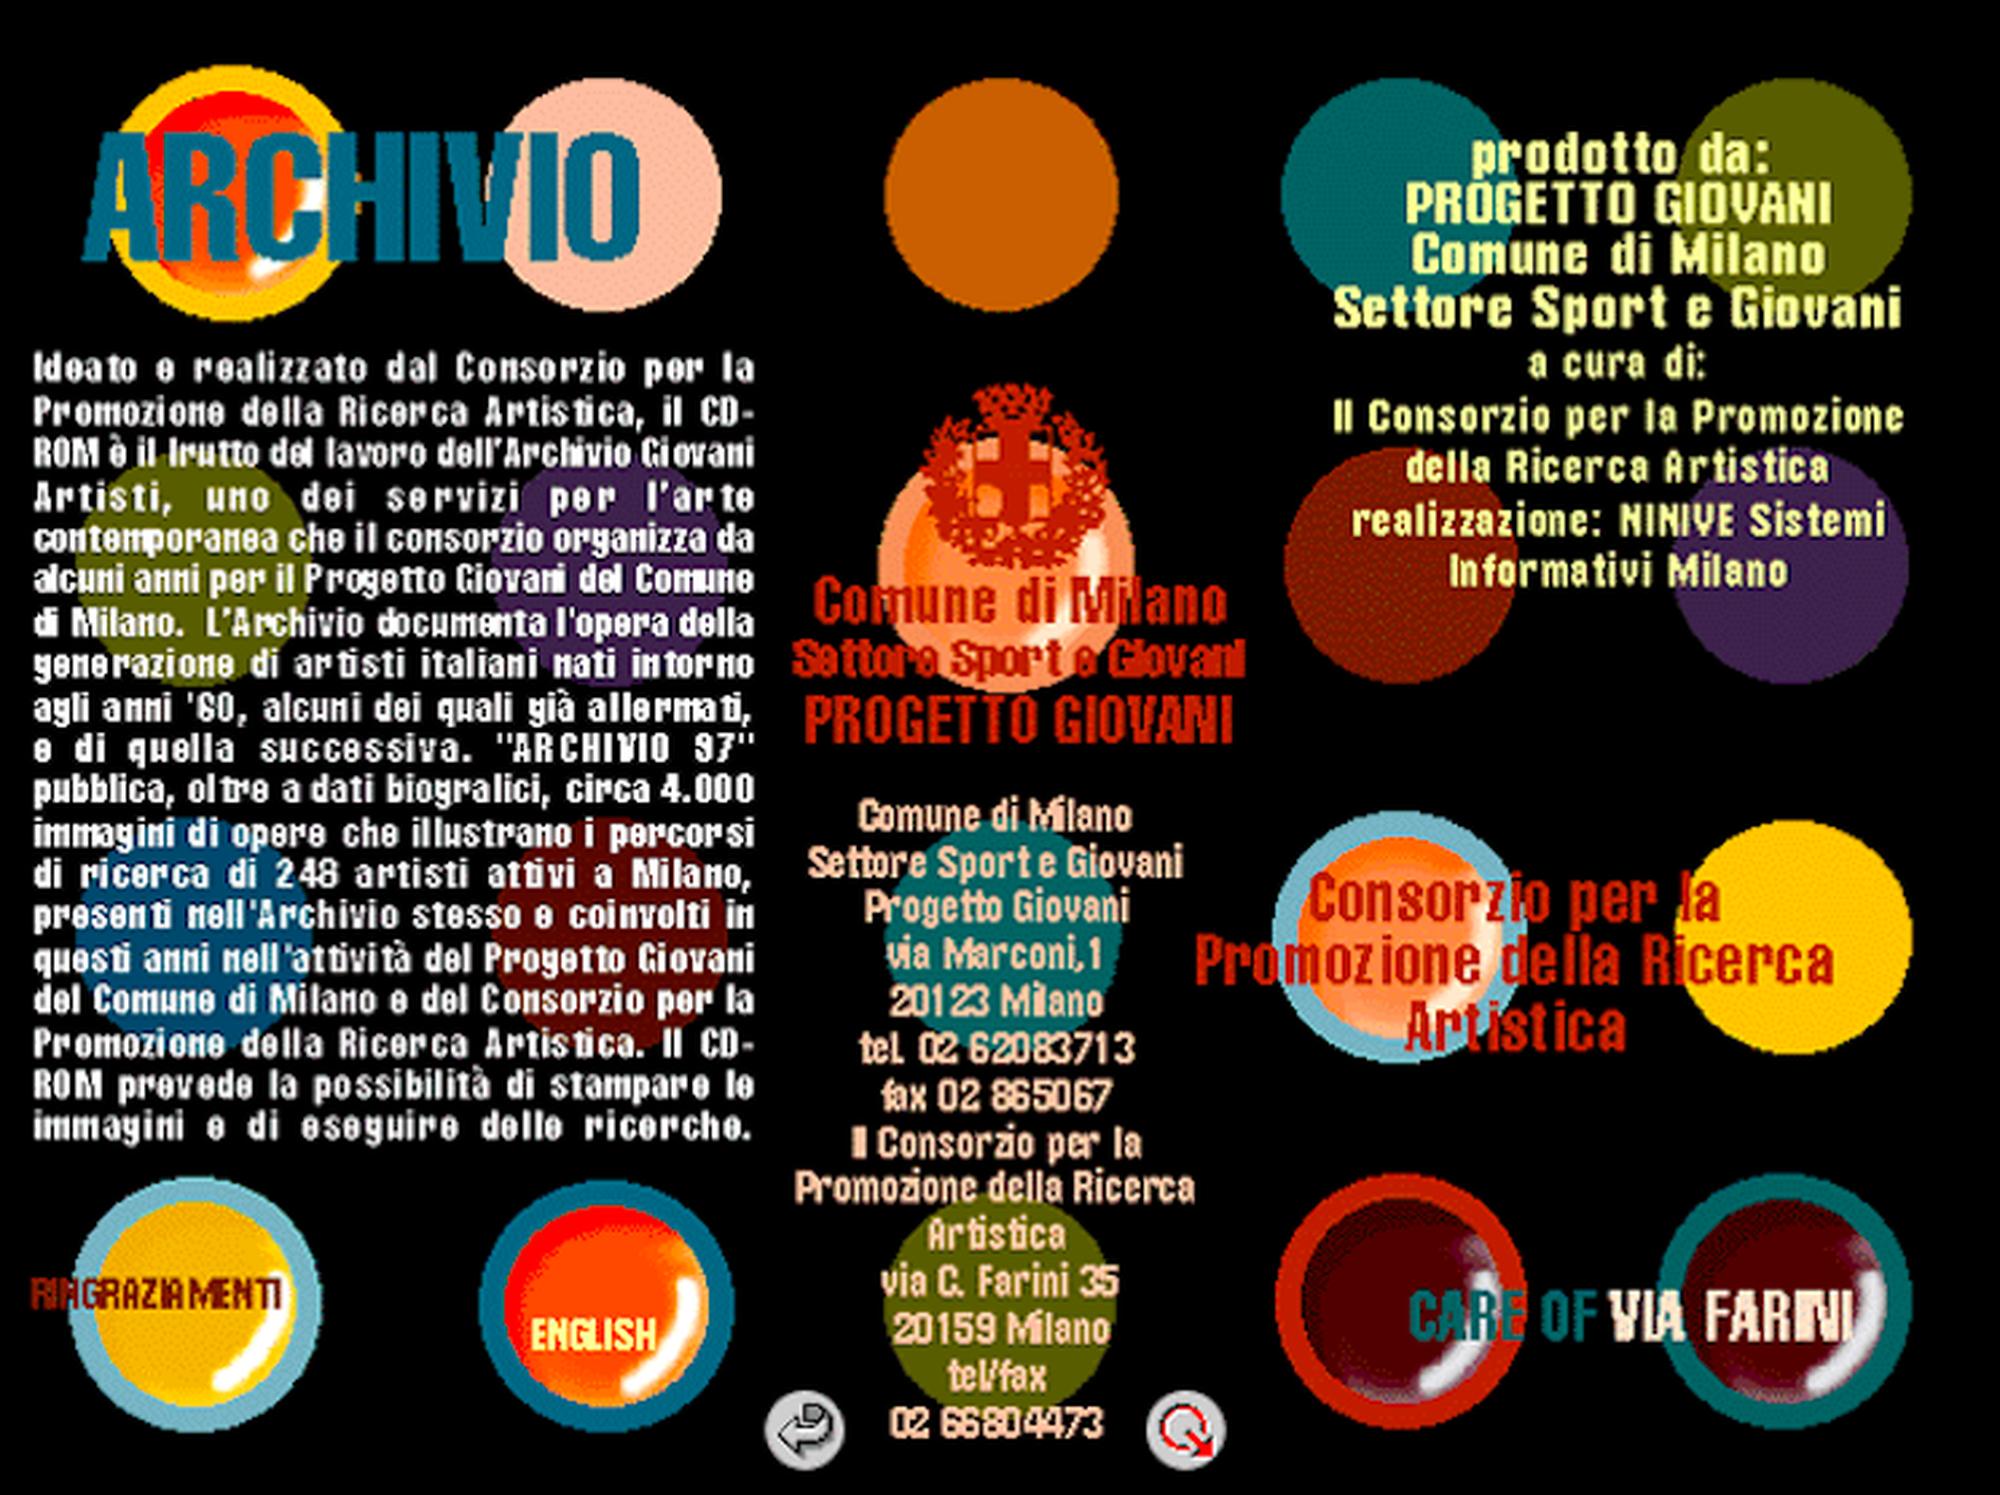 La Storia dell'Archivio - 2 - CD-ROM Archivio '97